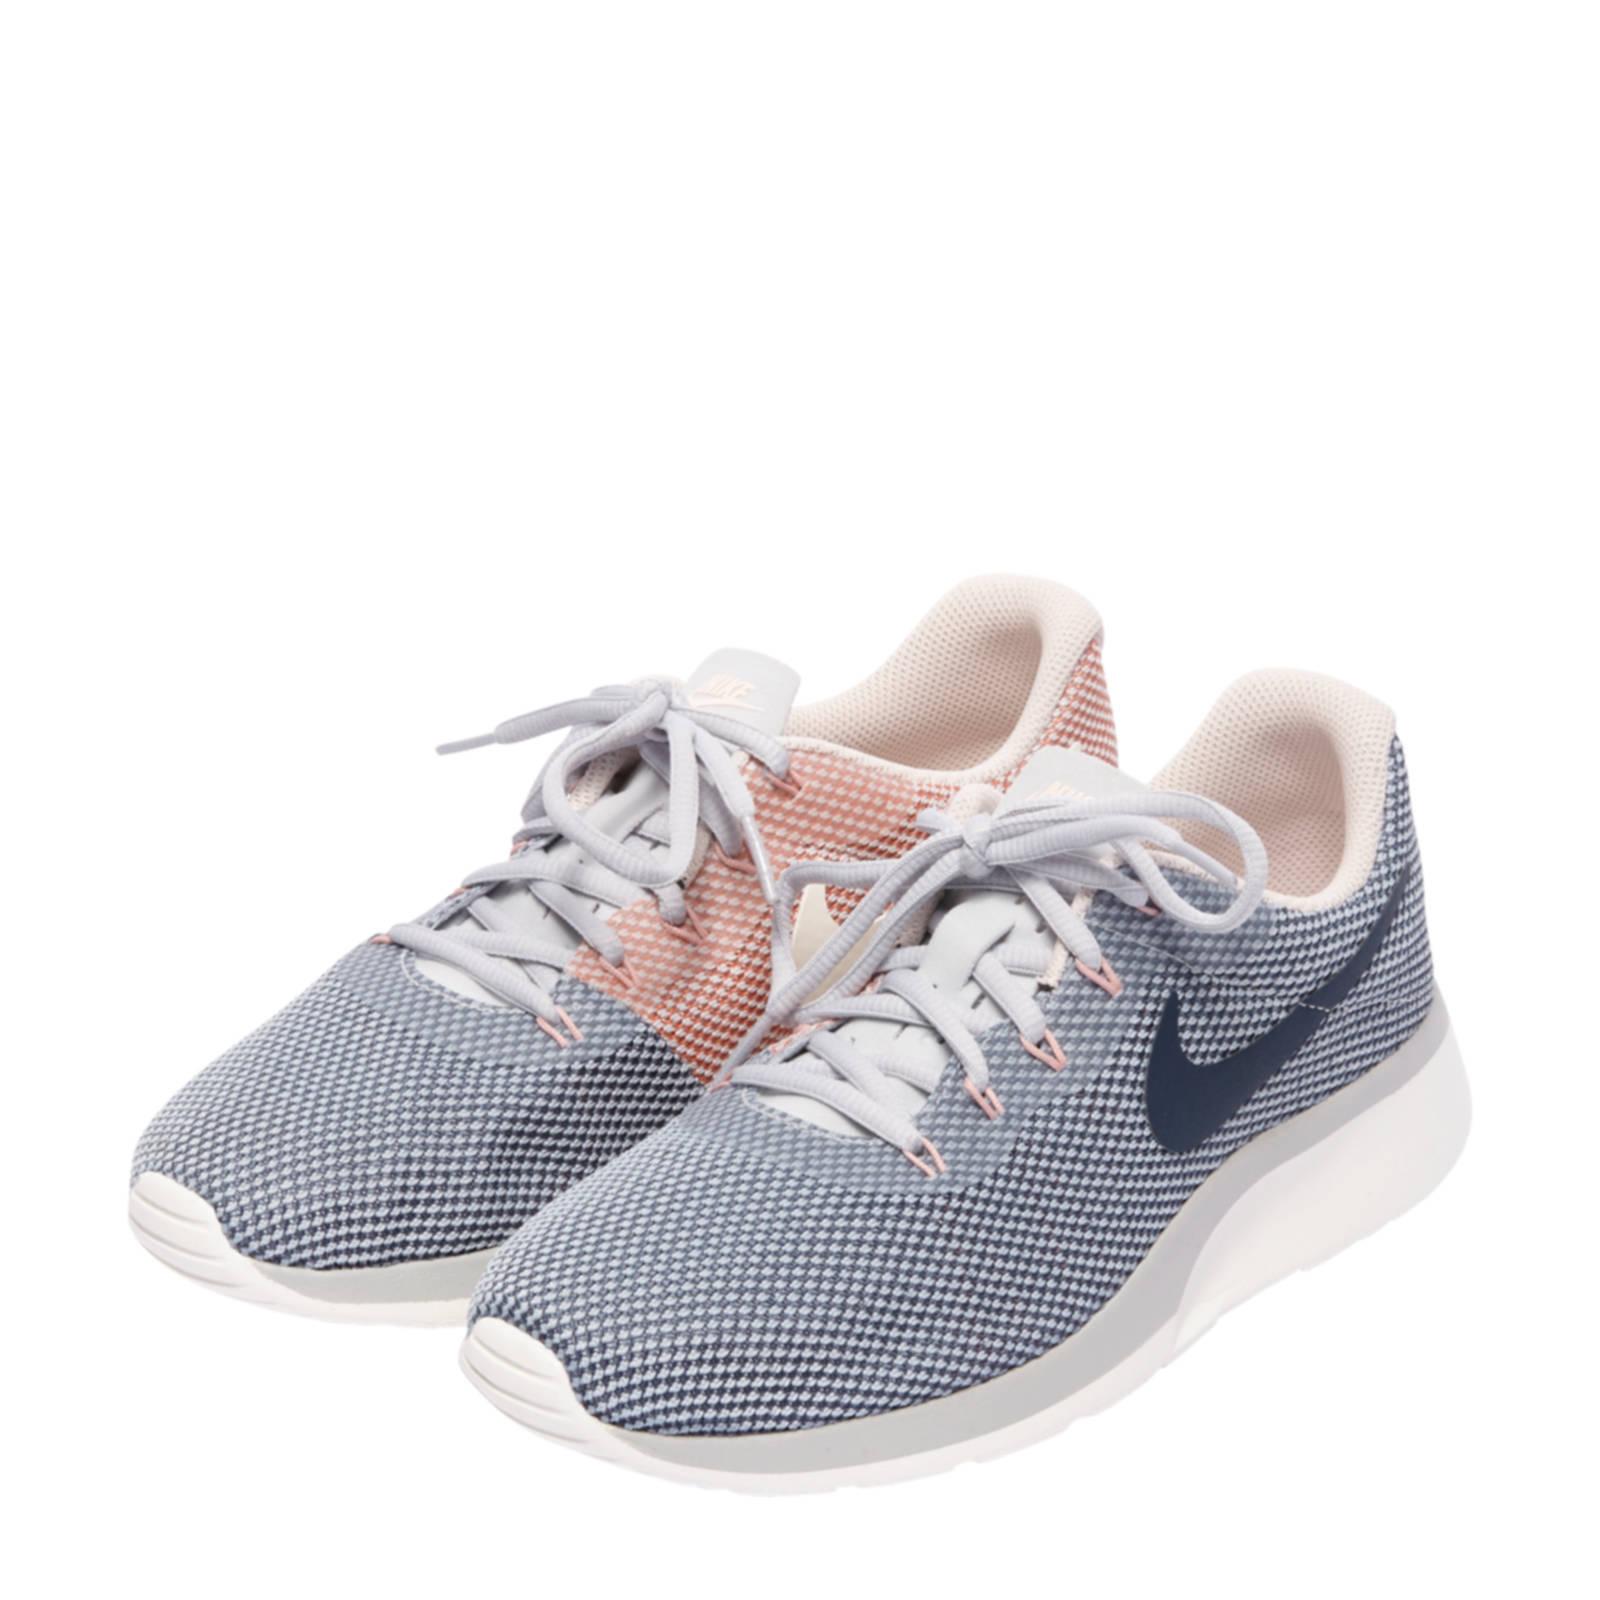 Tanjun Racer sneakers